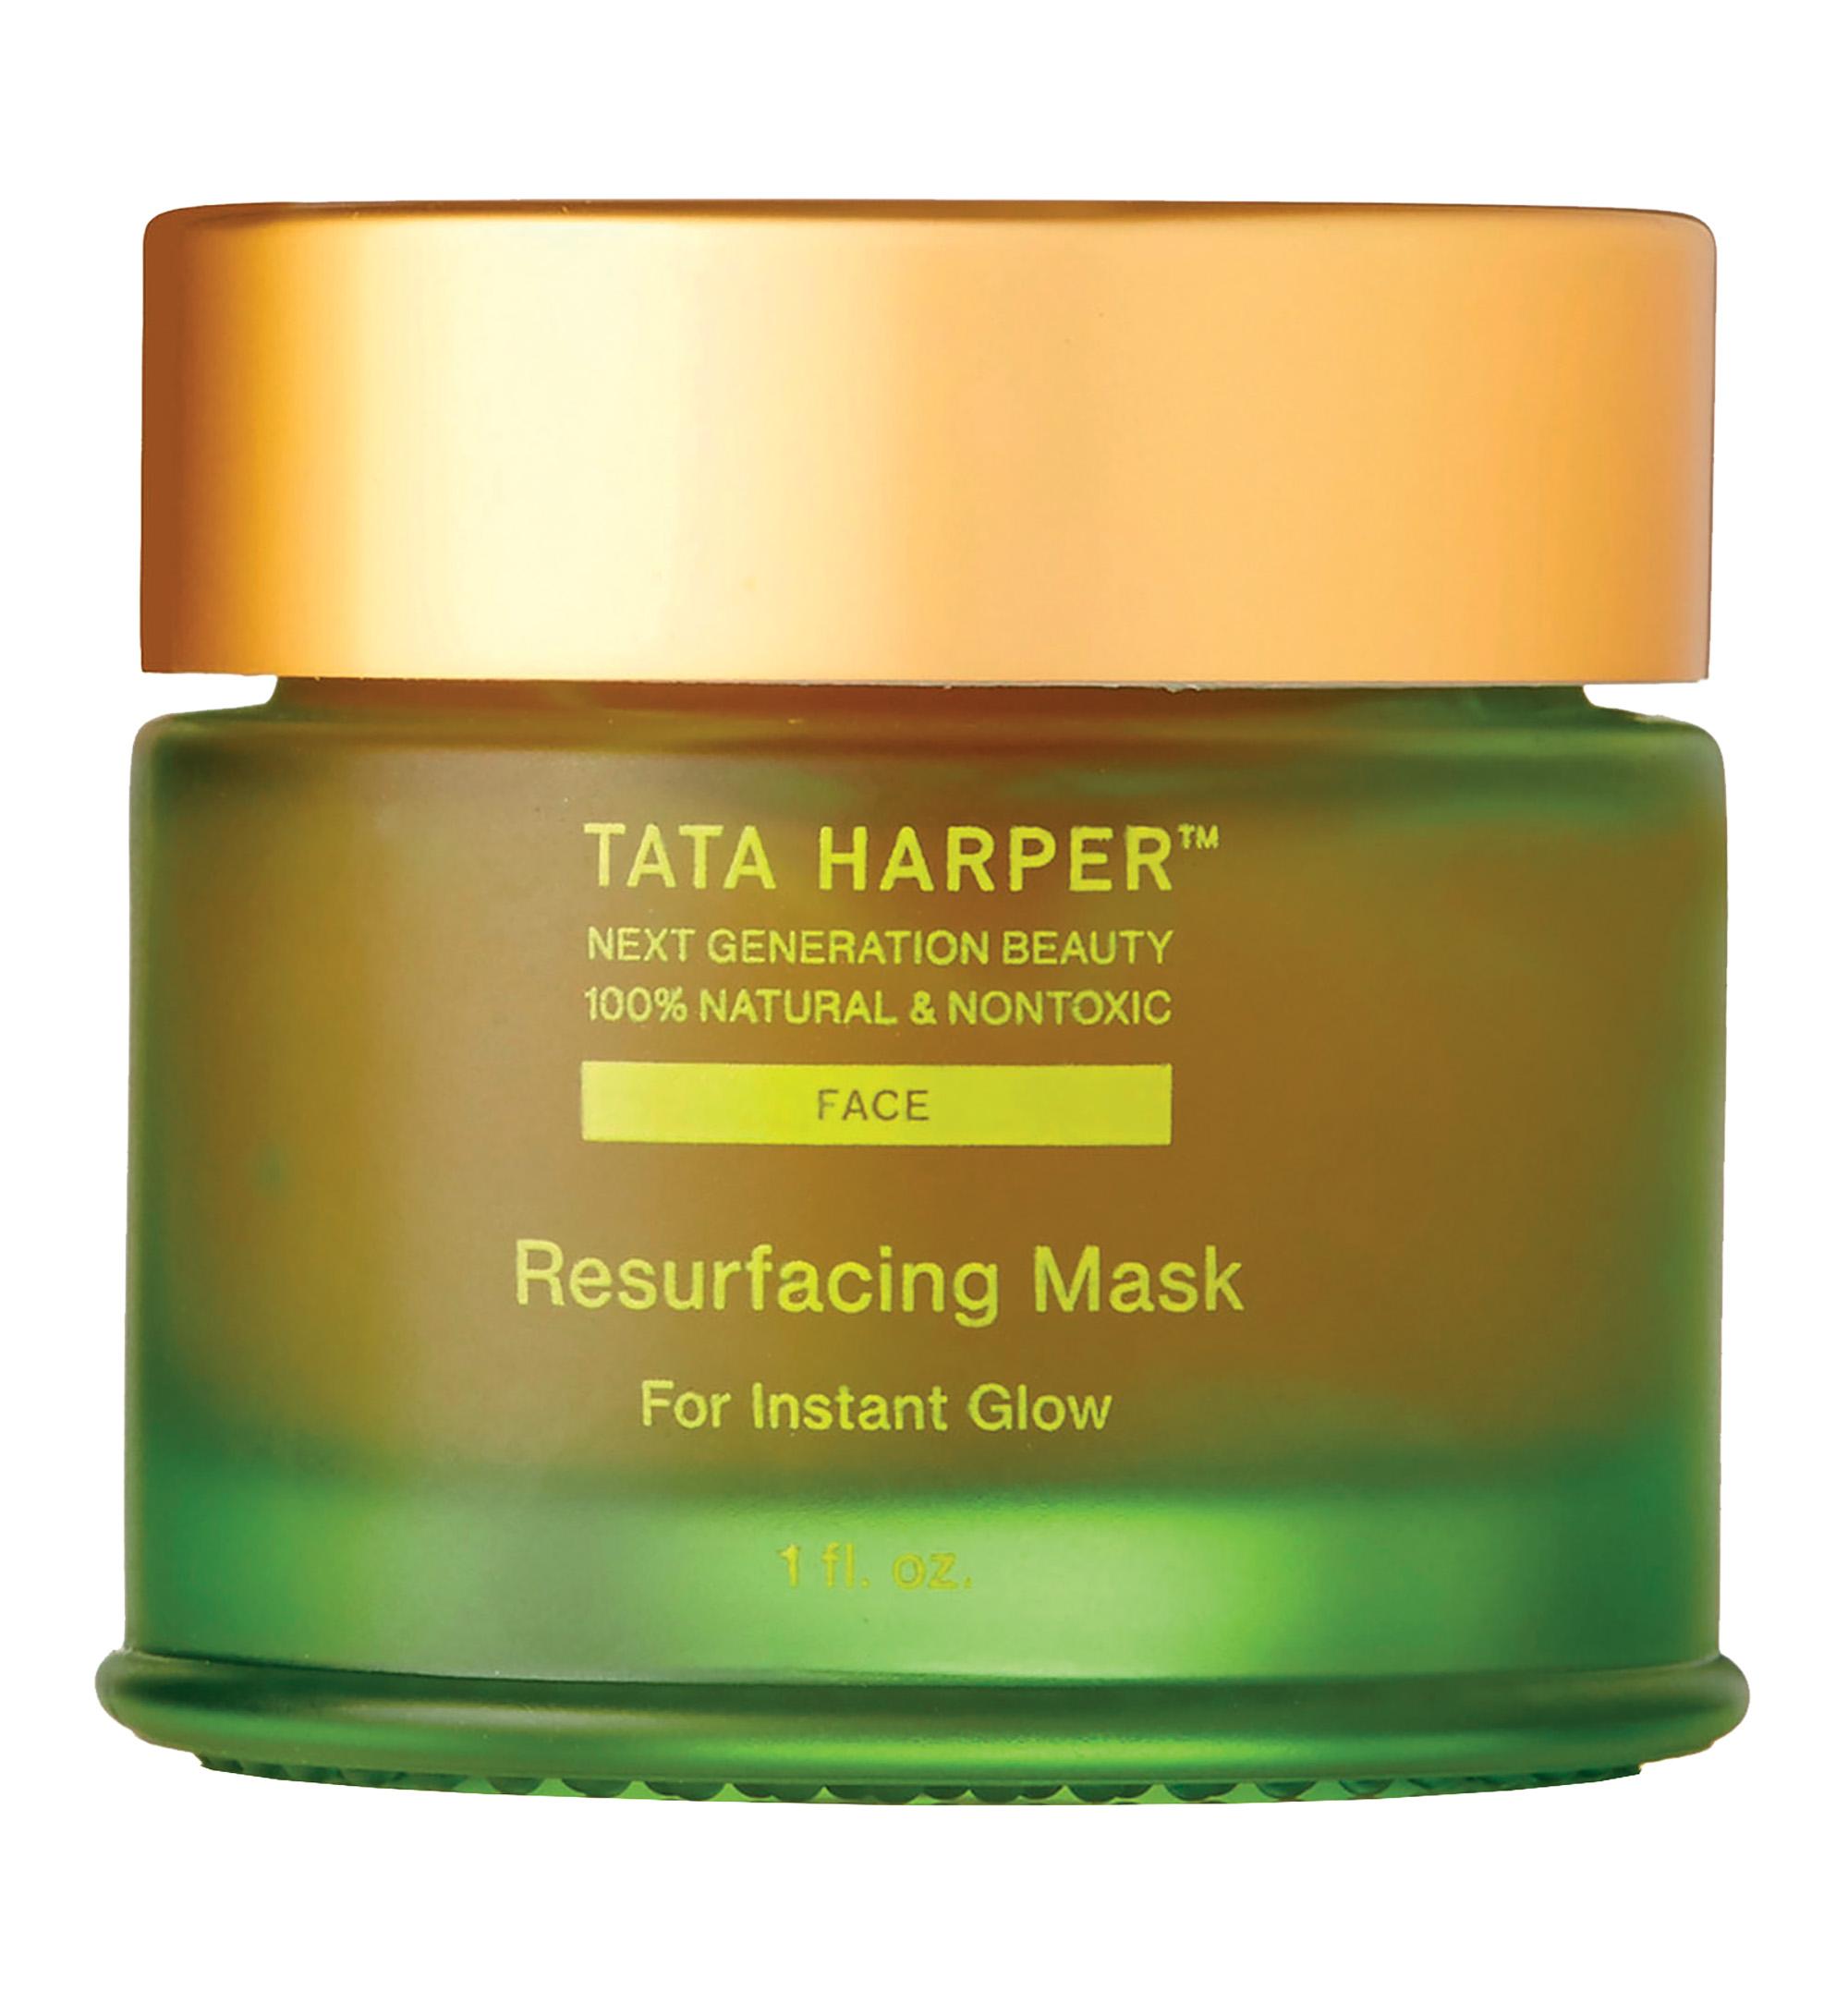 mỹ phẩm thuần chay mặt nạ Tata Harper